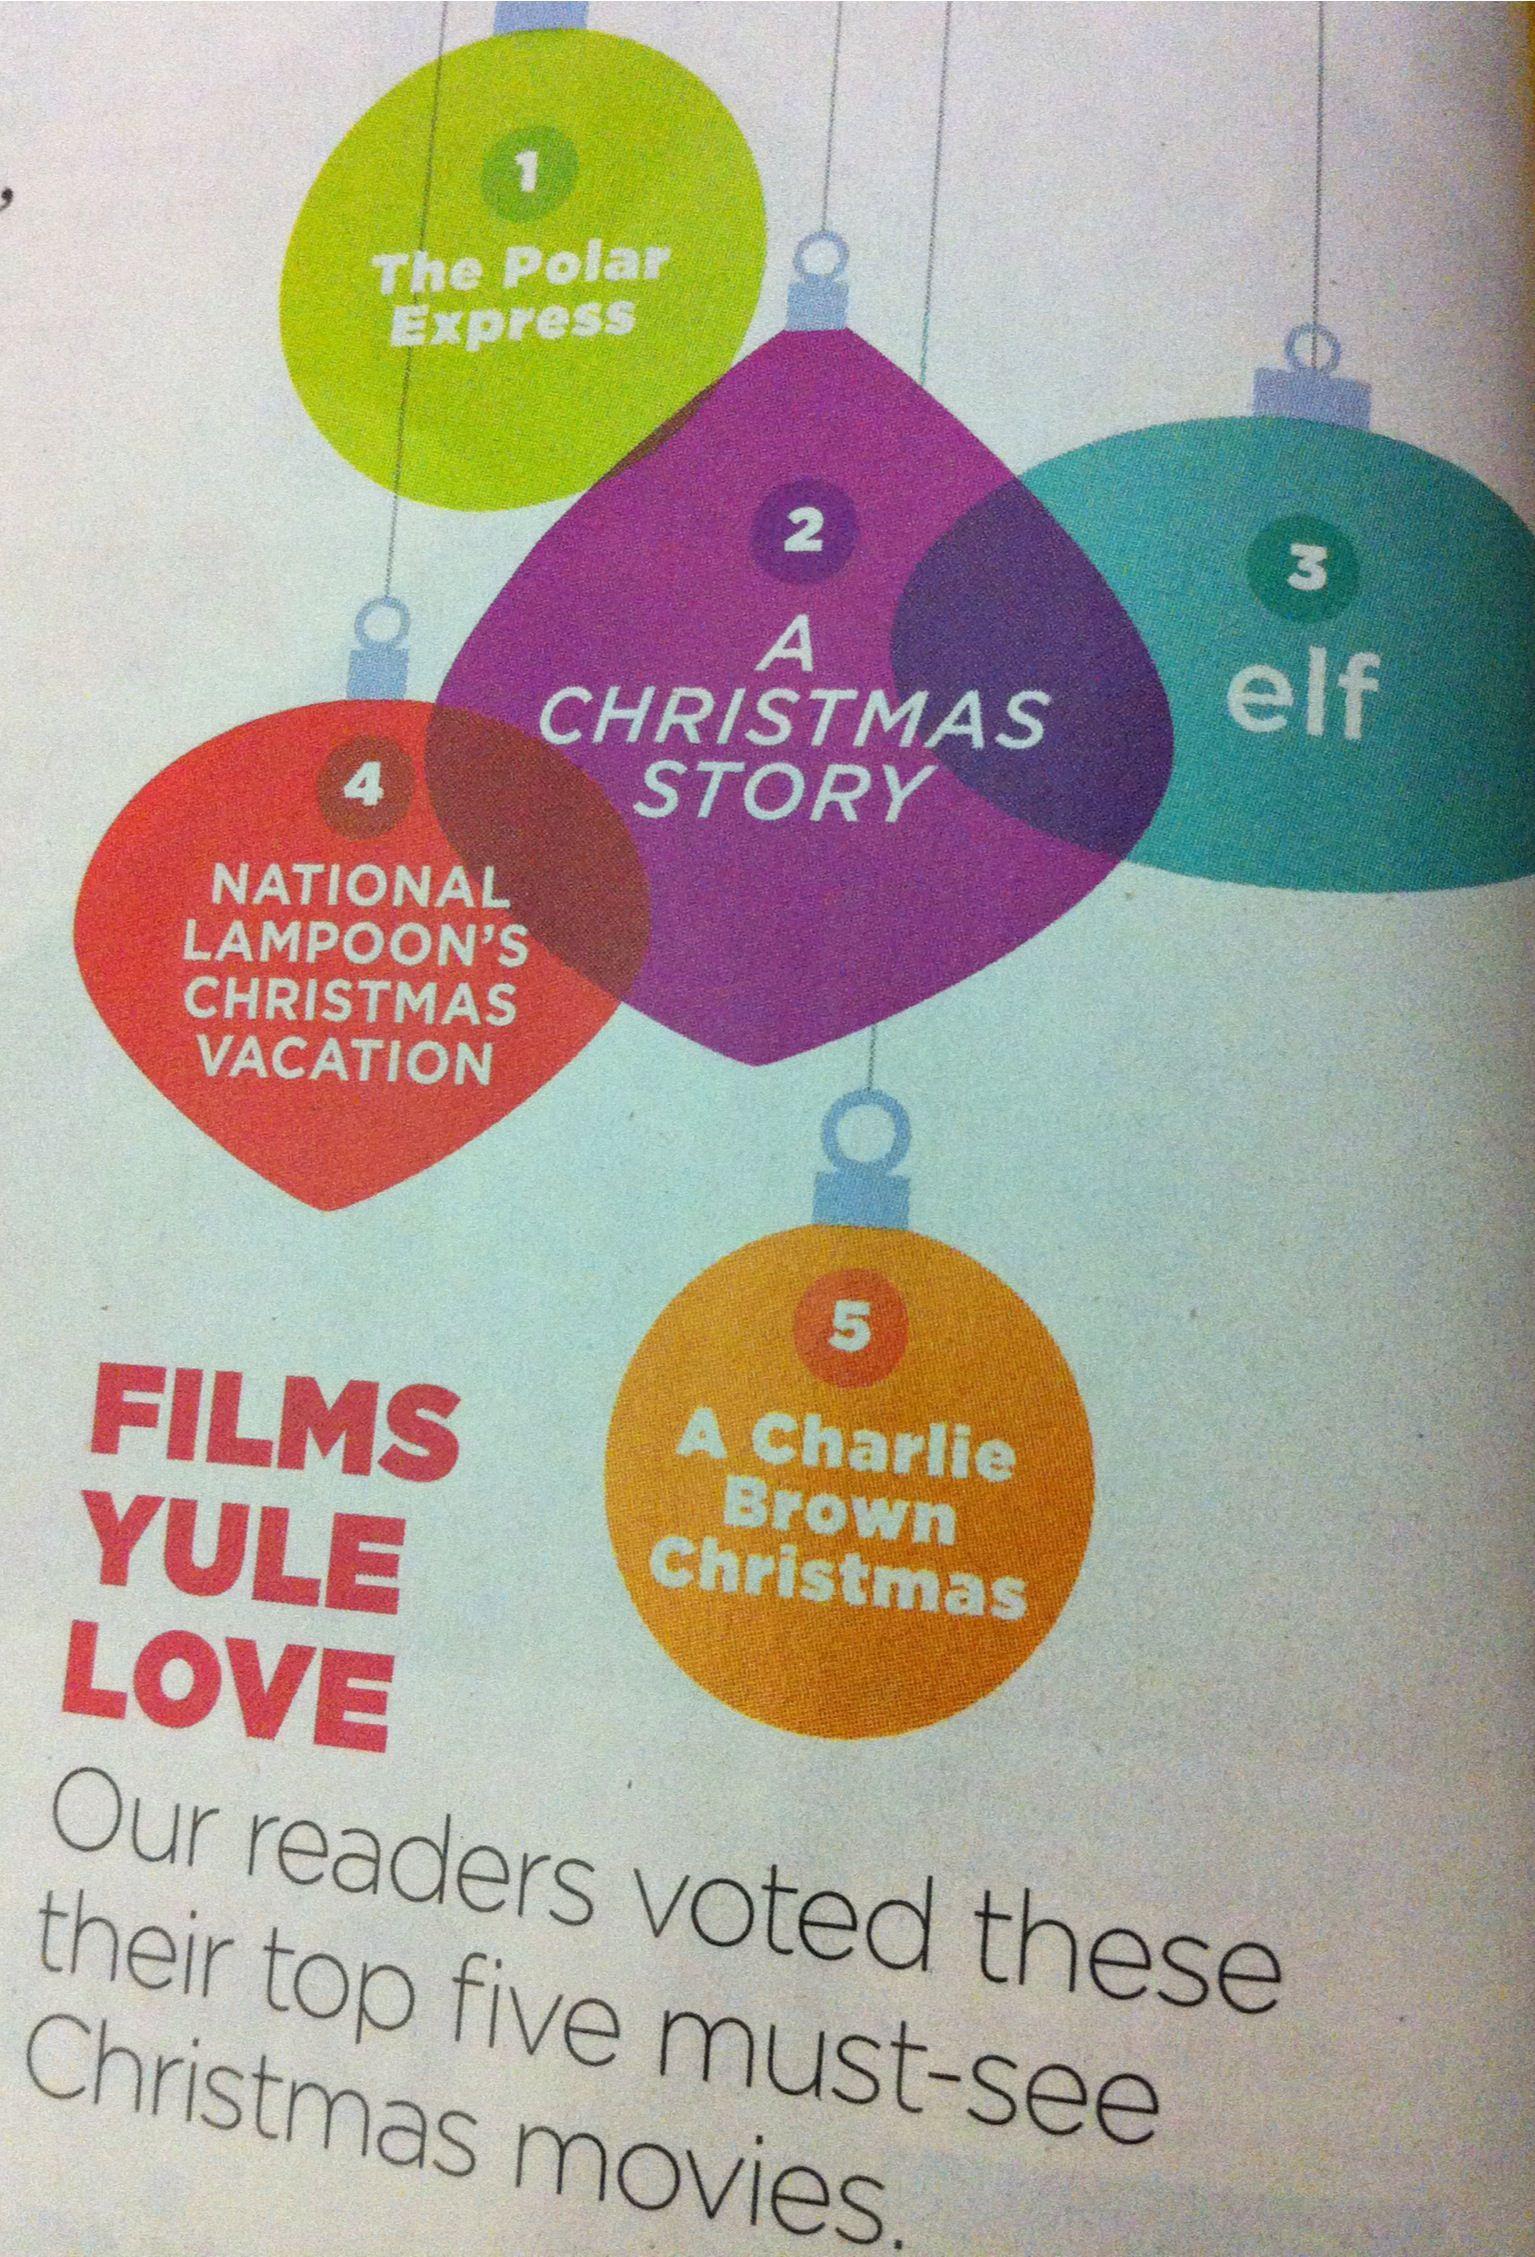 Top Christmas Movies, National